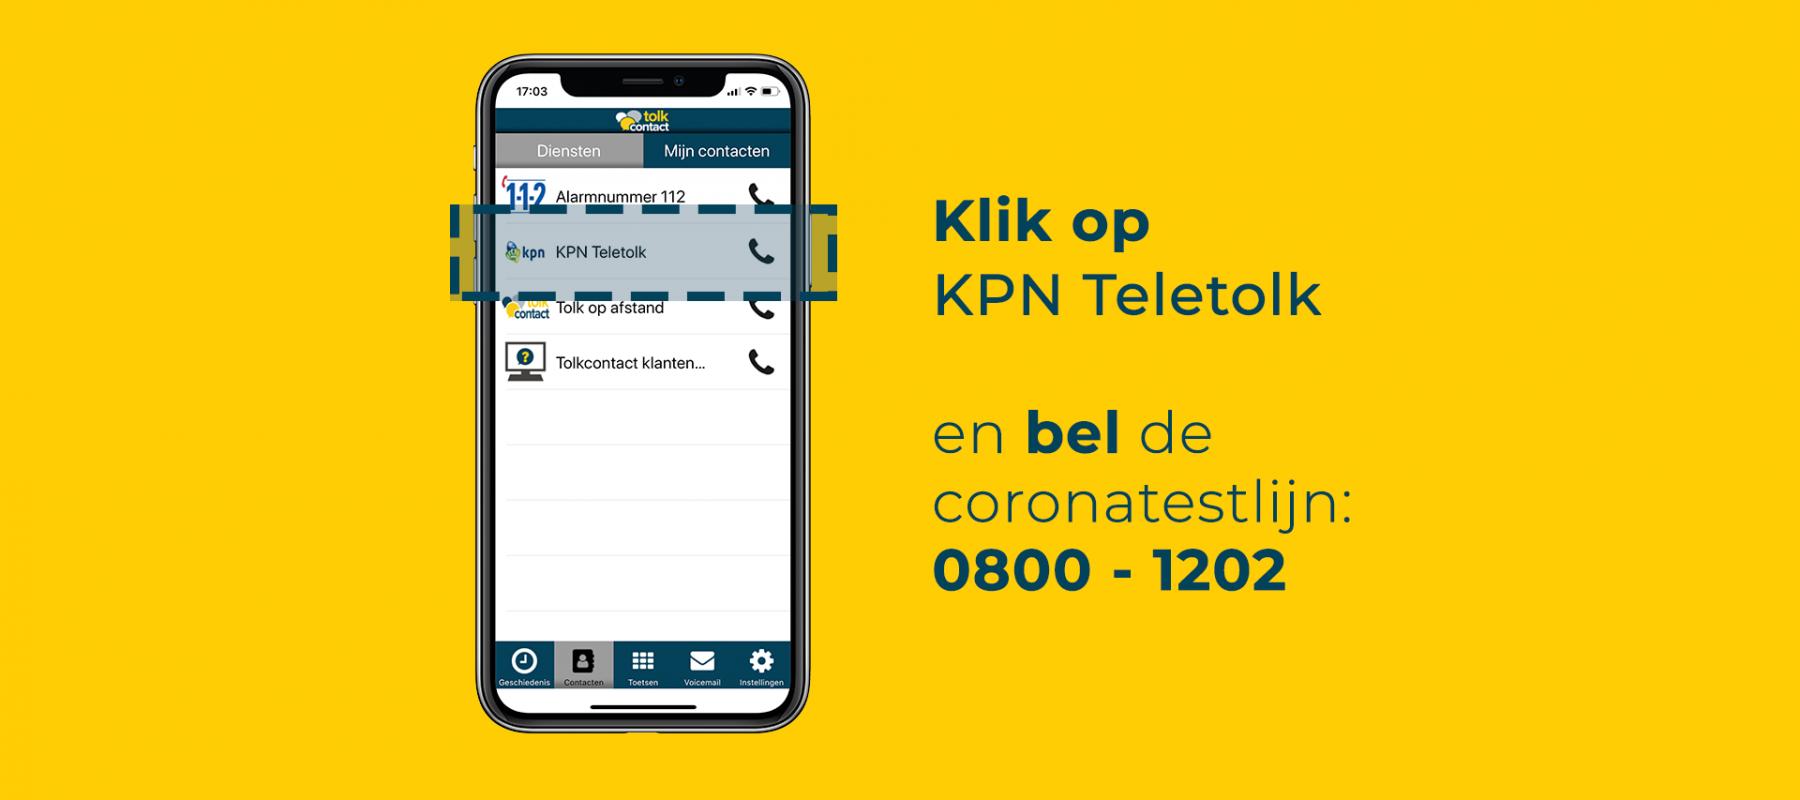 KPN teletolk in de app